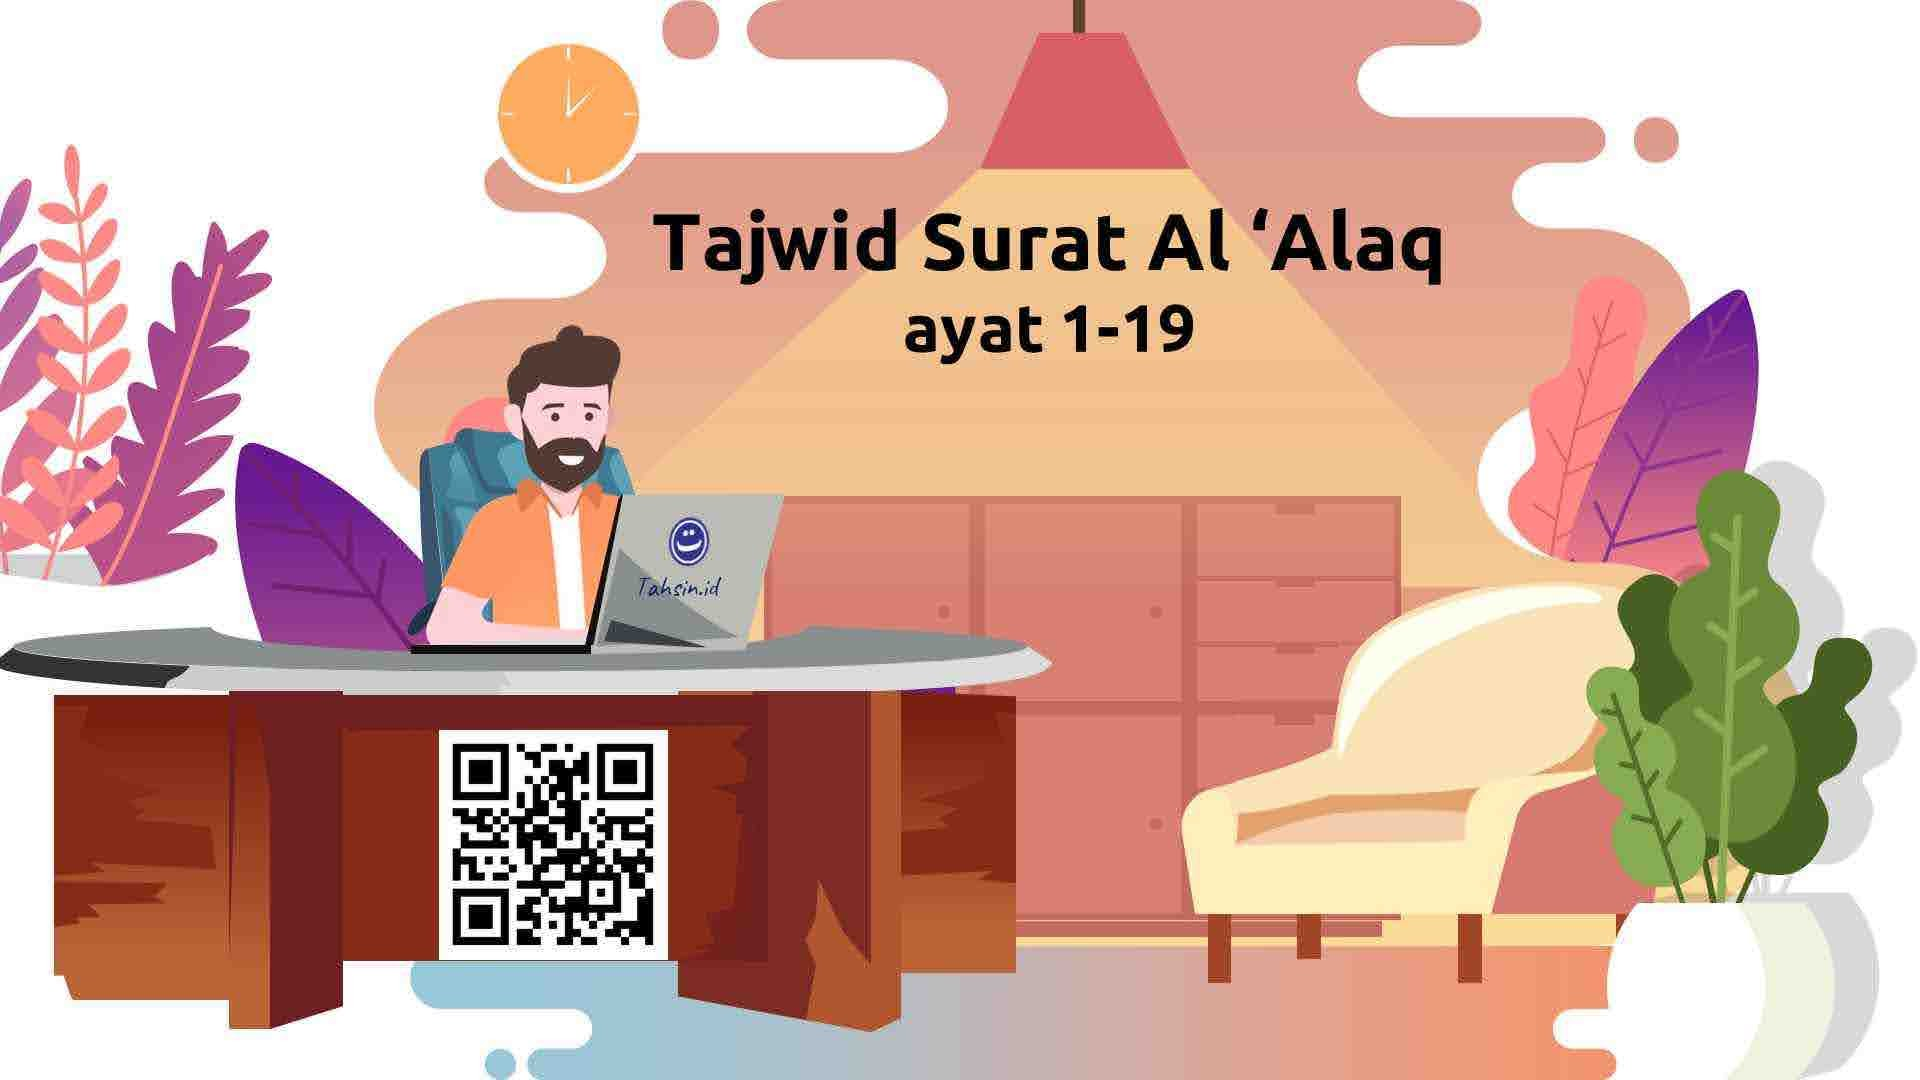 tajwid-surat-al-'alaq